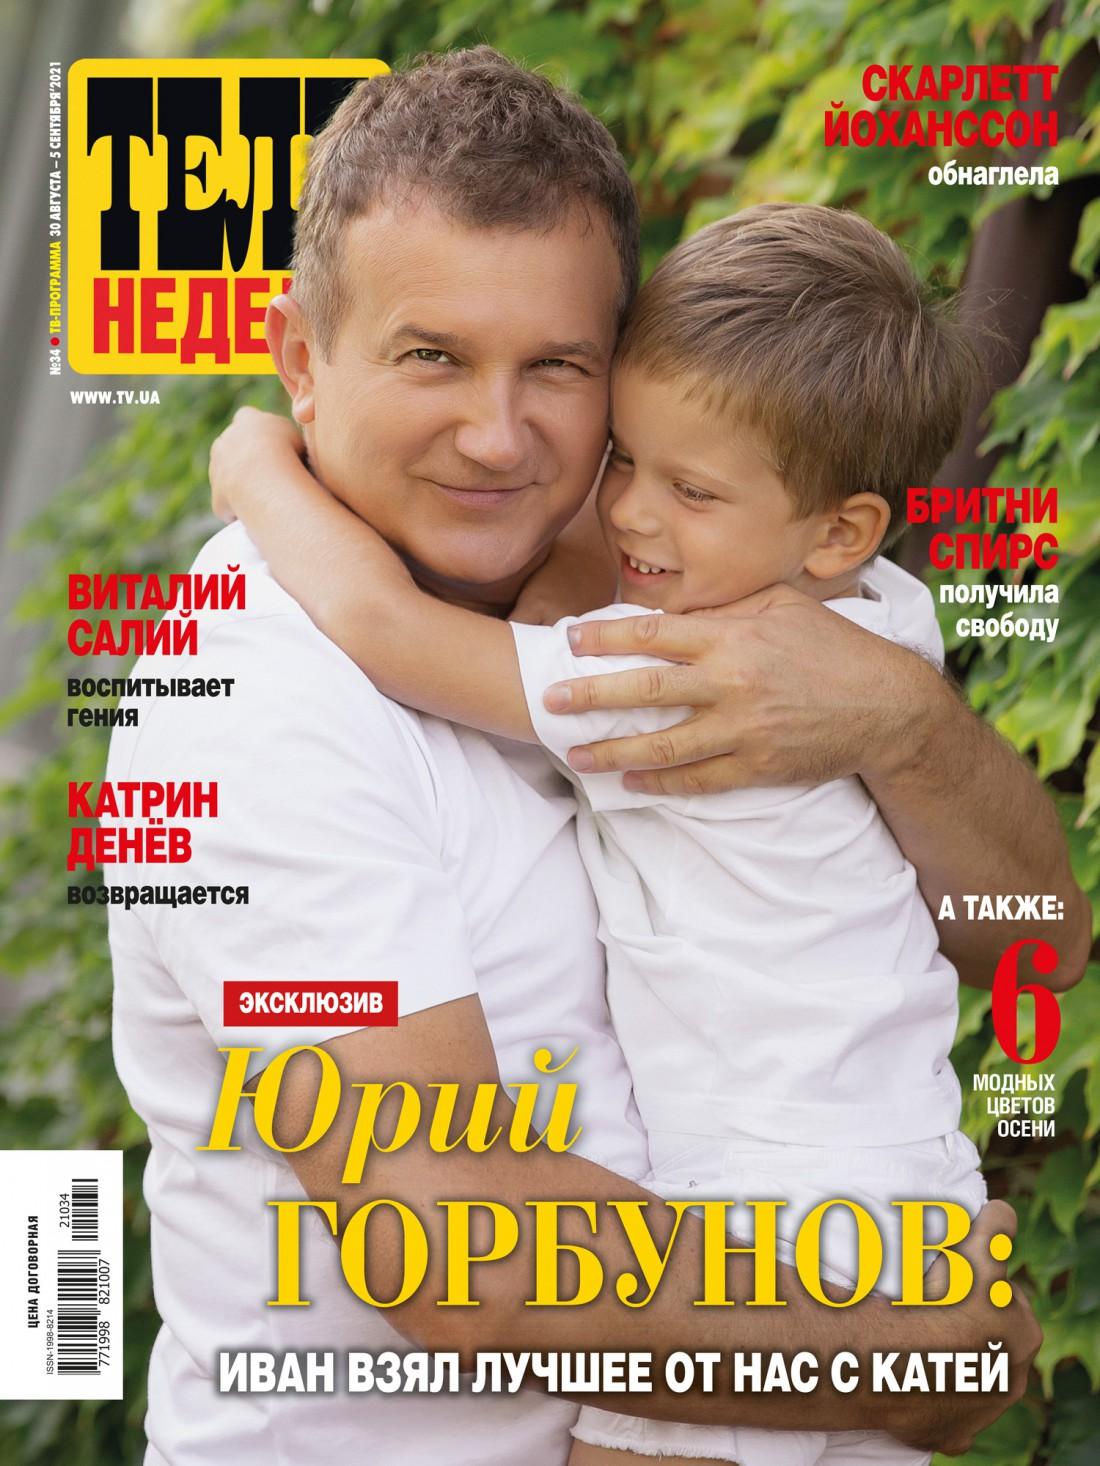 Юрий Горбунов с сыном Иваном на обложке